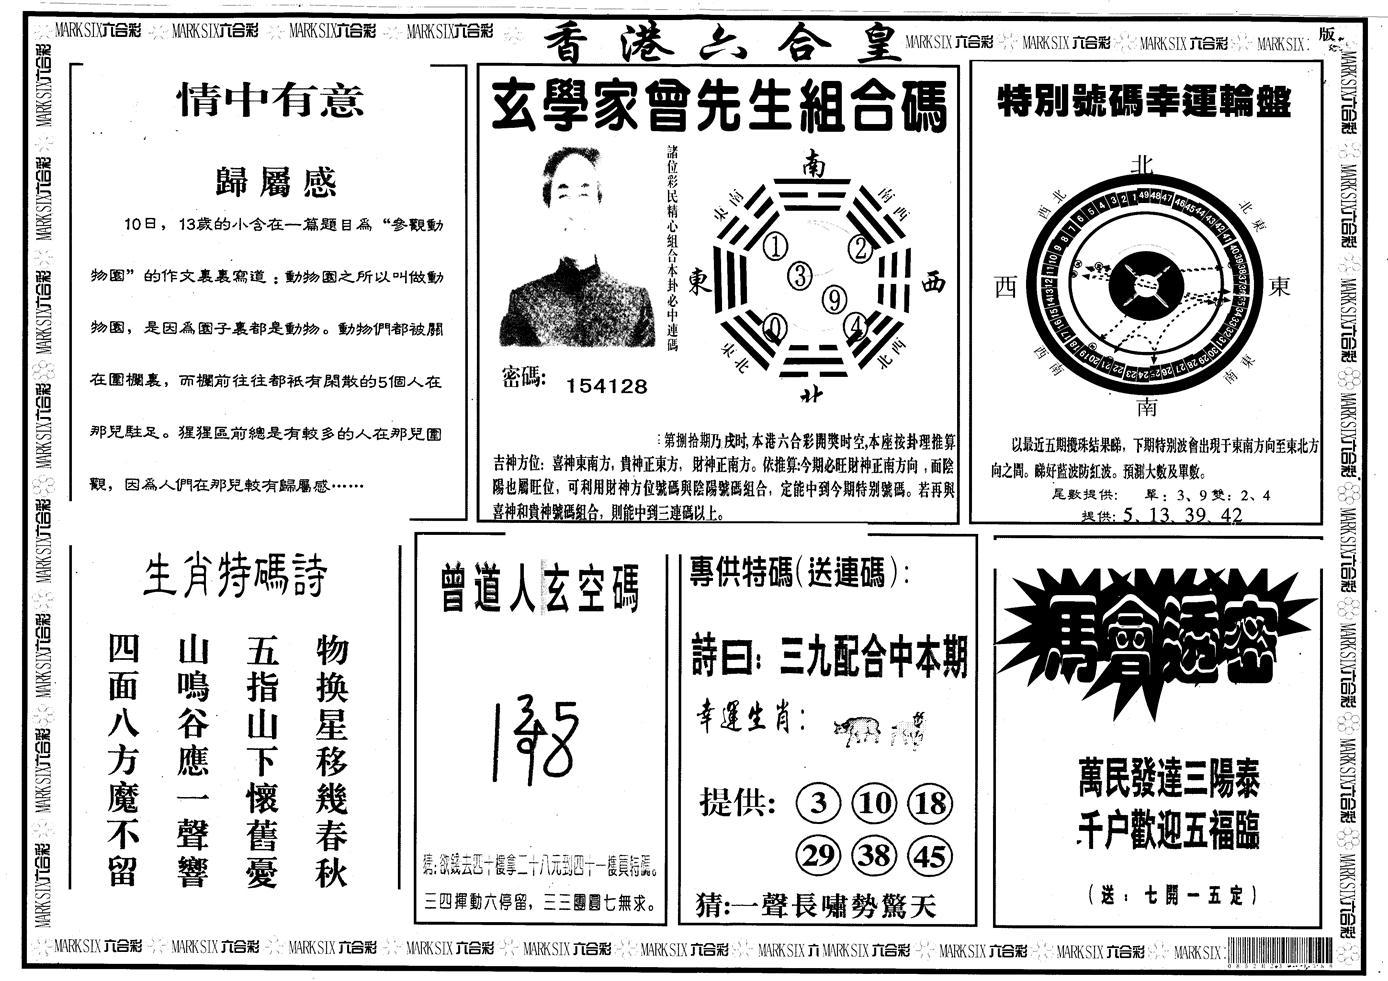 080期另版香港六合皇B(黑白)